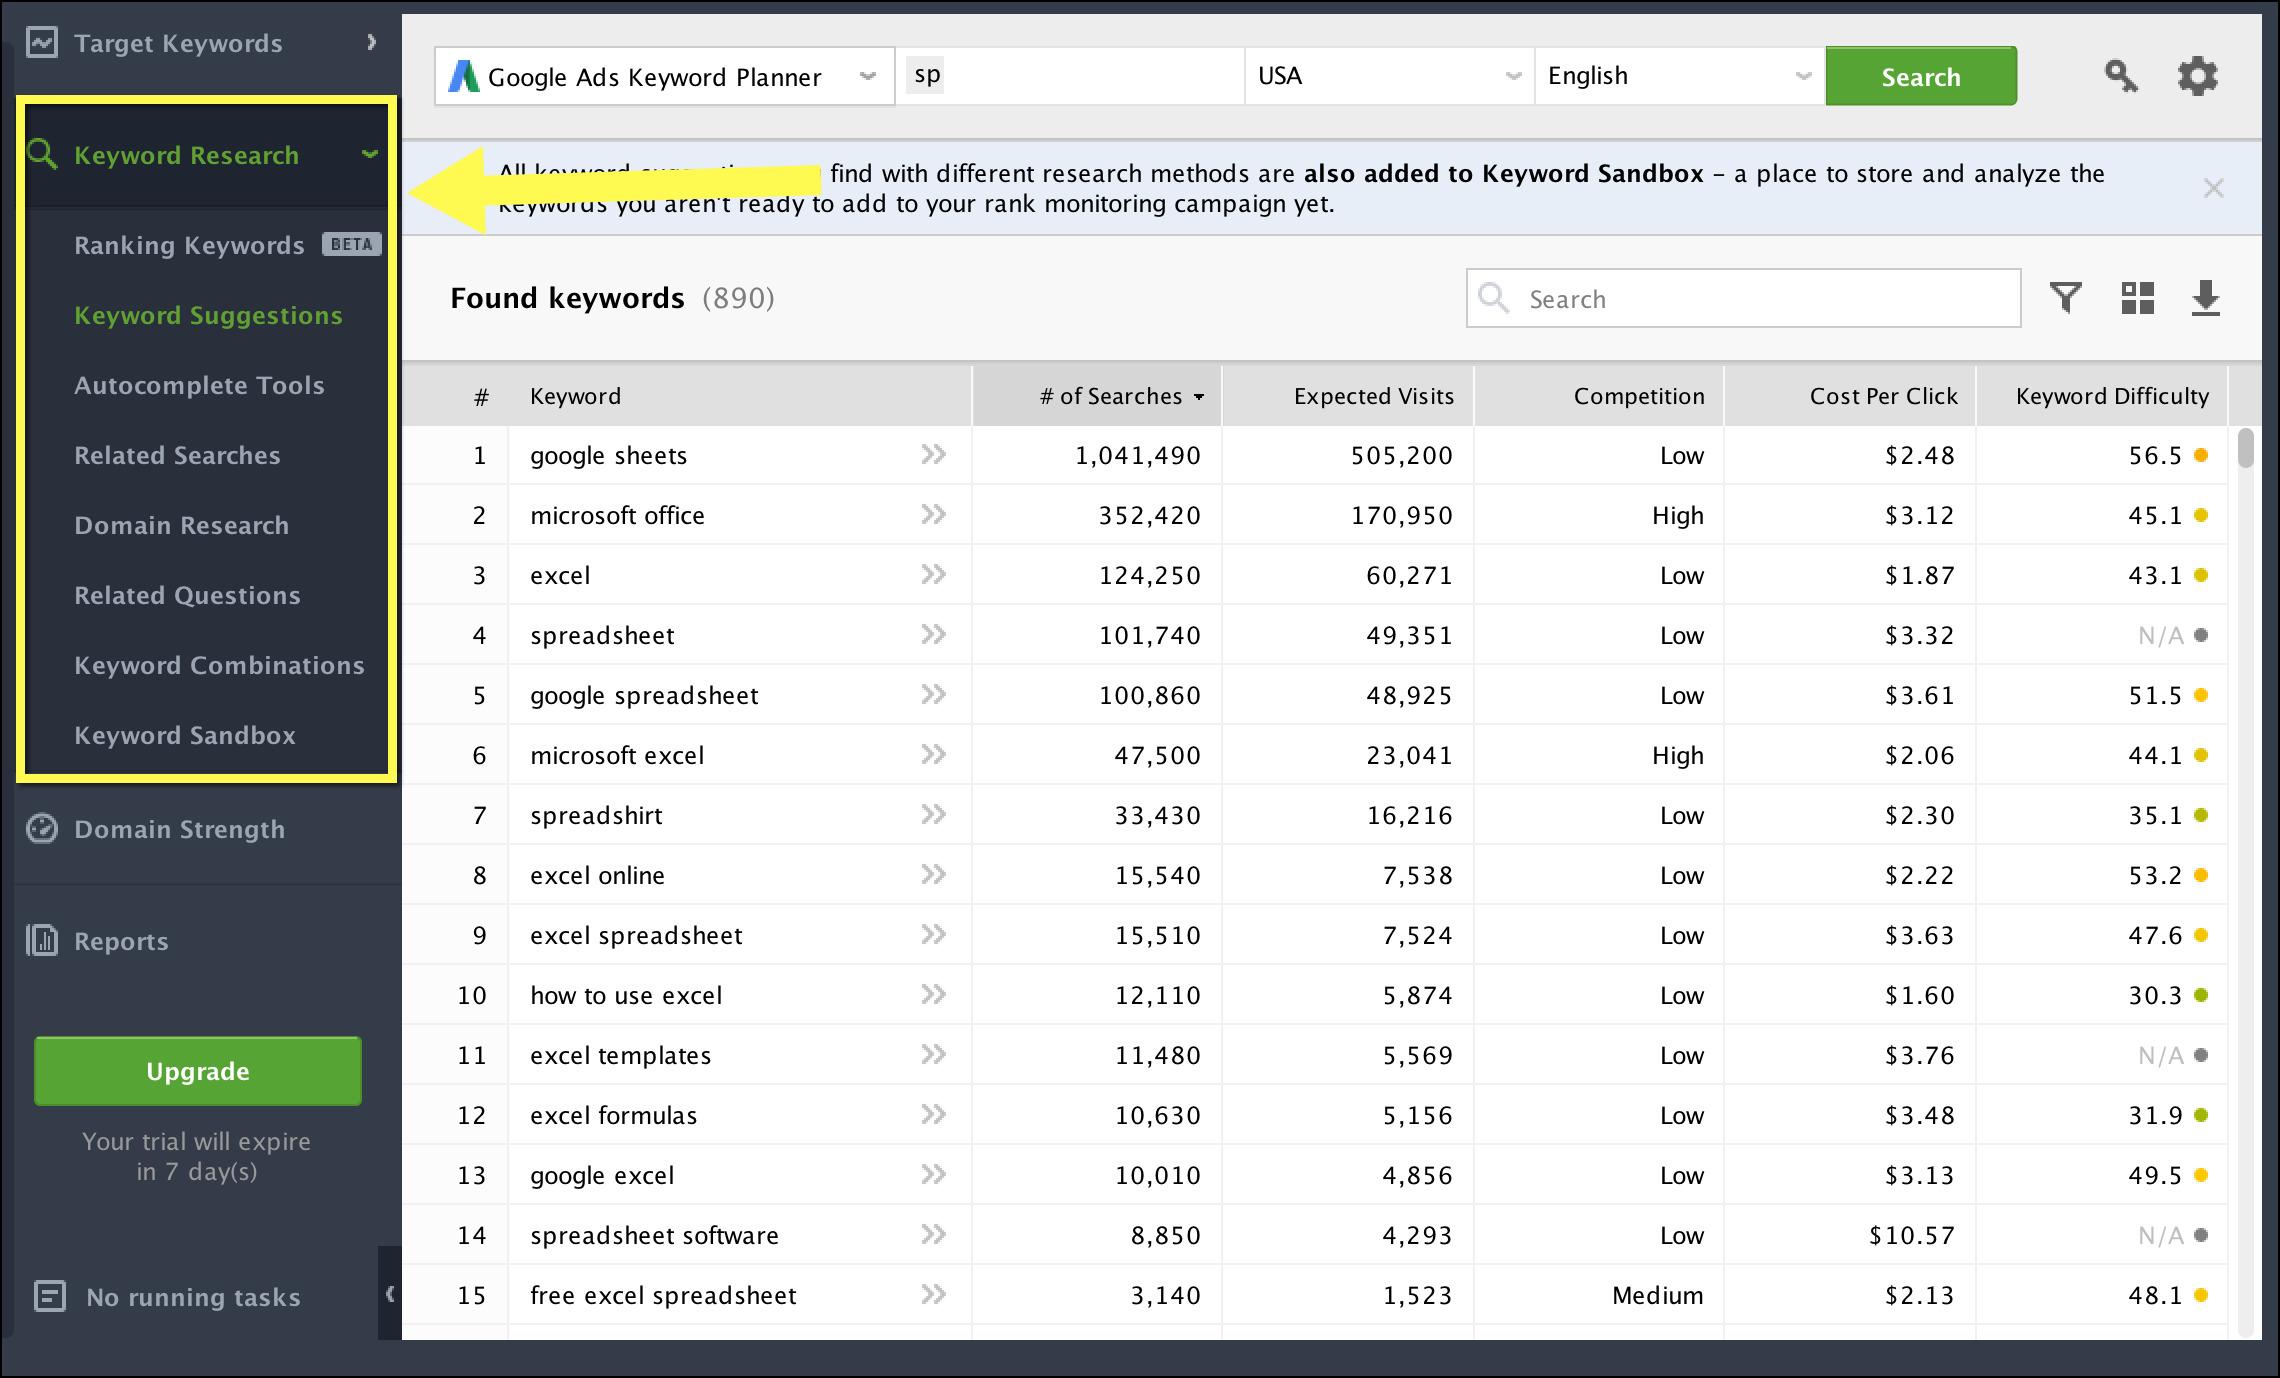 Herramienta de búsqueda de palabras clave de Rank Tracker que puedes usar gratis